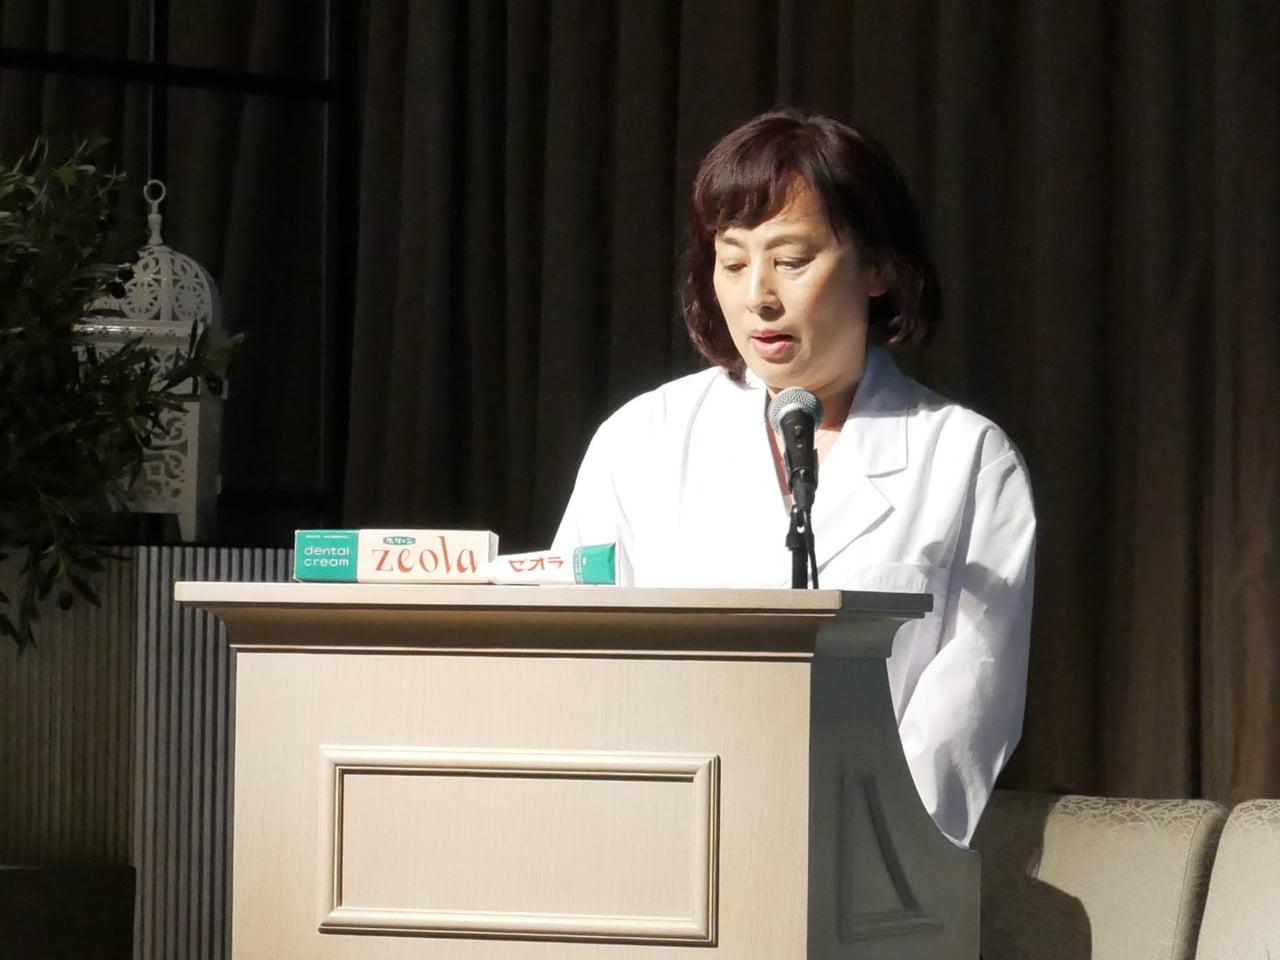 細胞研究者 佐藤真奈美さん